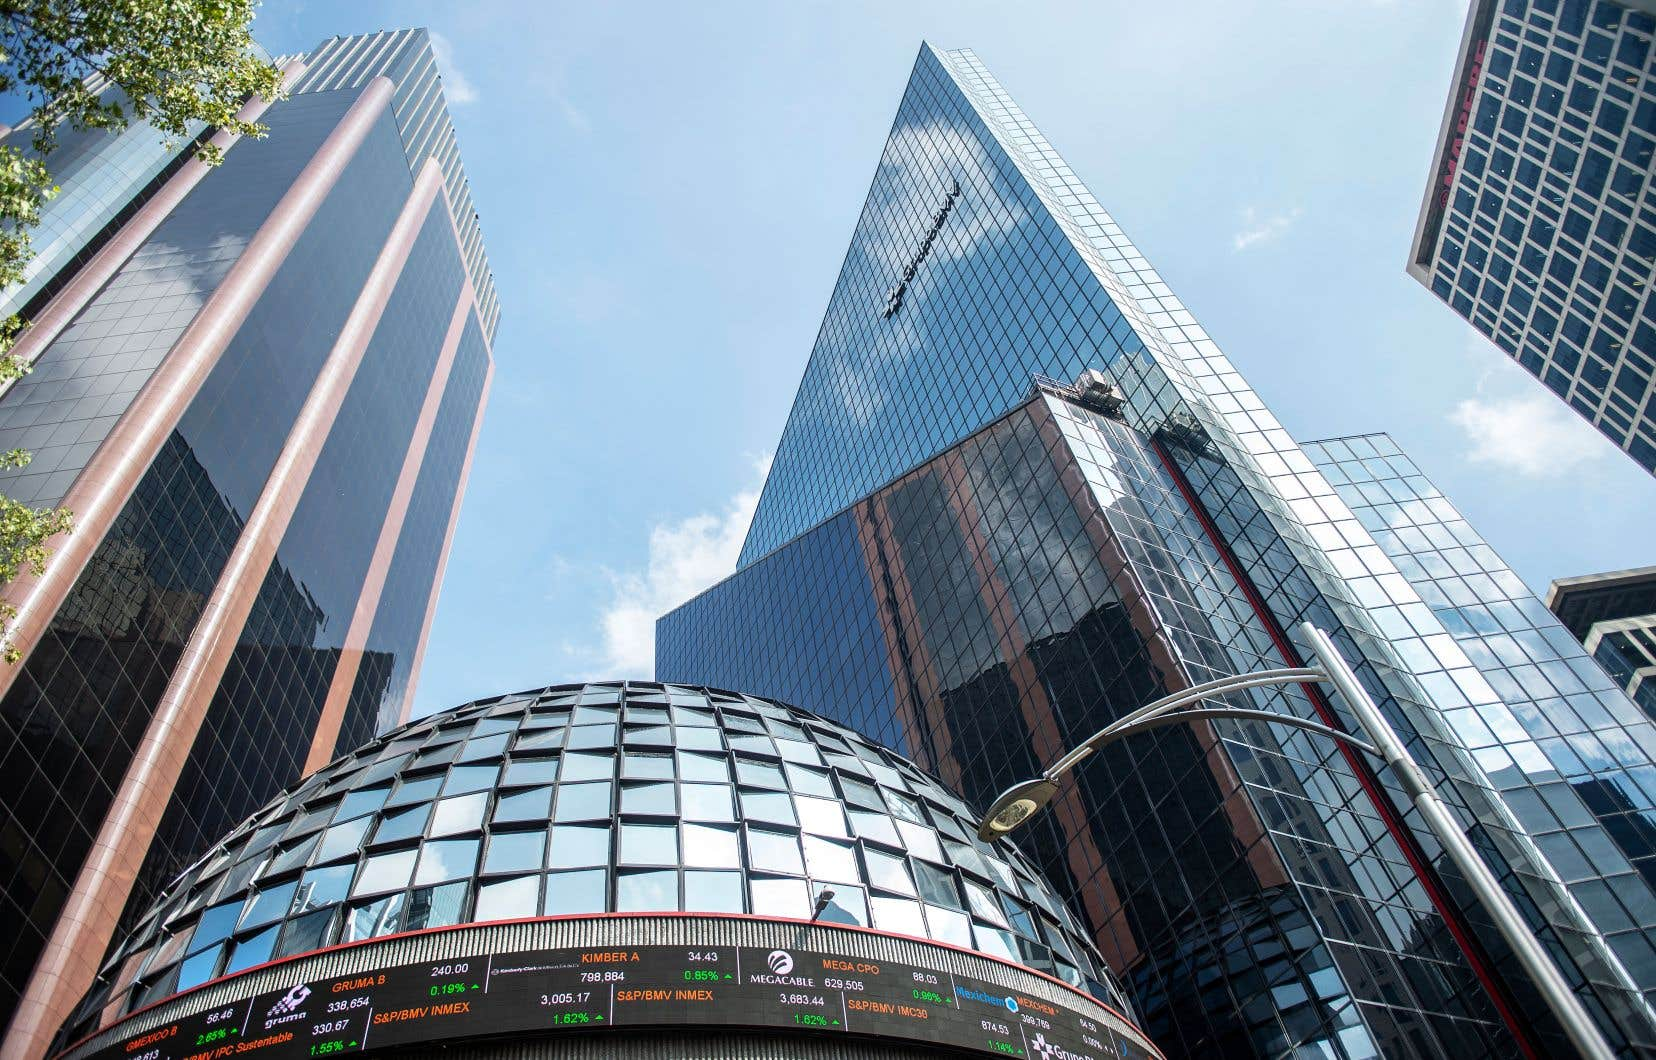 La Bourse de Mexico affichait lundi différents taux de change dans la foulée de l'entente intervenue entre les États-Unis et le Mexique, dont les détails n'ont pas été rendus publics.